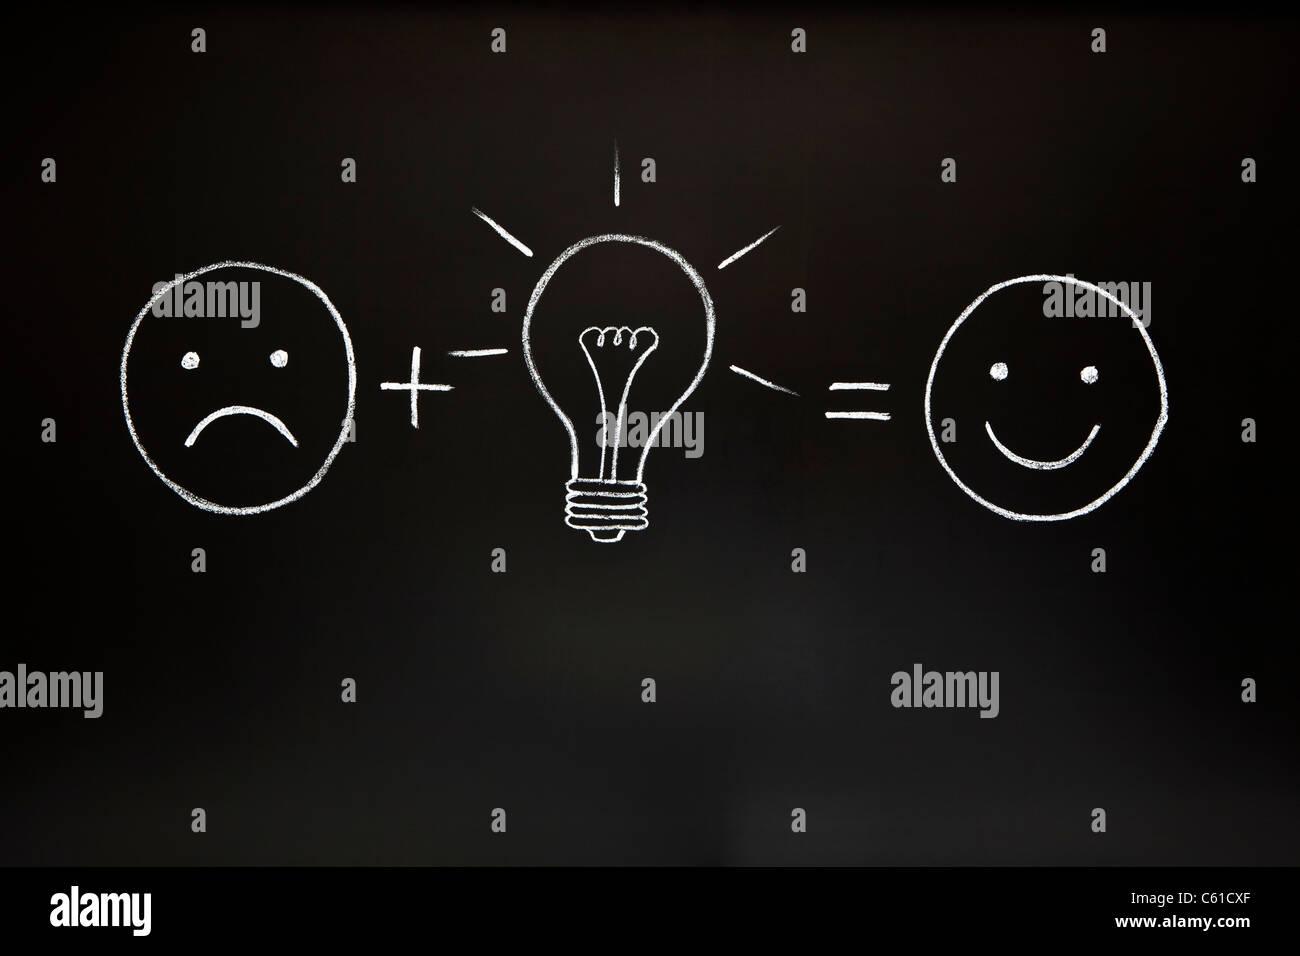 Eine gute Idee kann alles verändern! Kreativität-Konzept, mit Kreide auf einer Tafel dargestellt. Stockbild